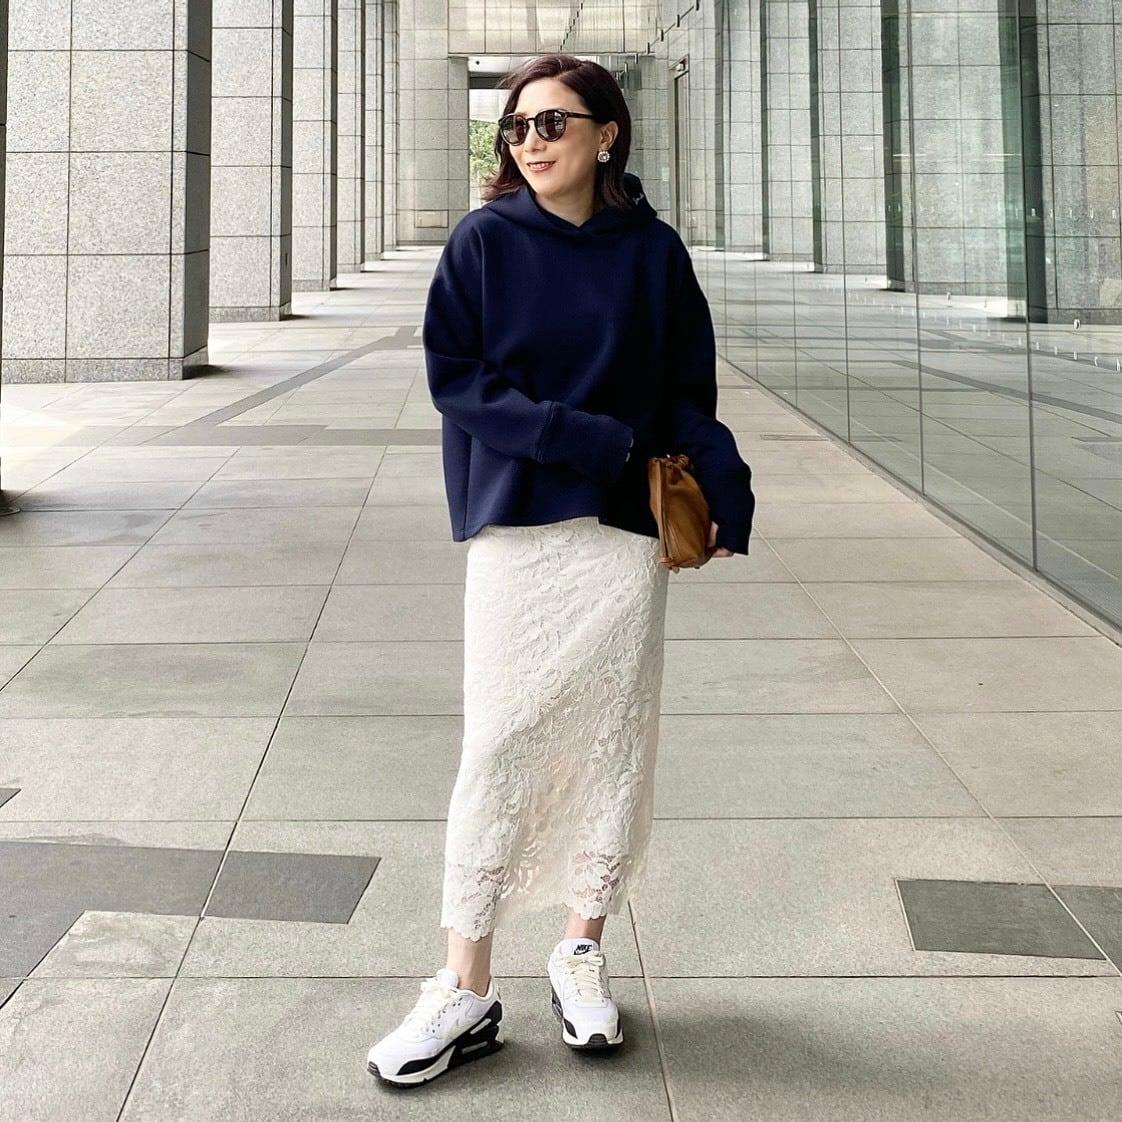 KU-UM×chiyo レースアイラインスカート オフホワイト